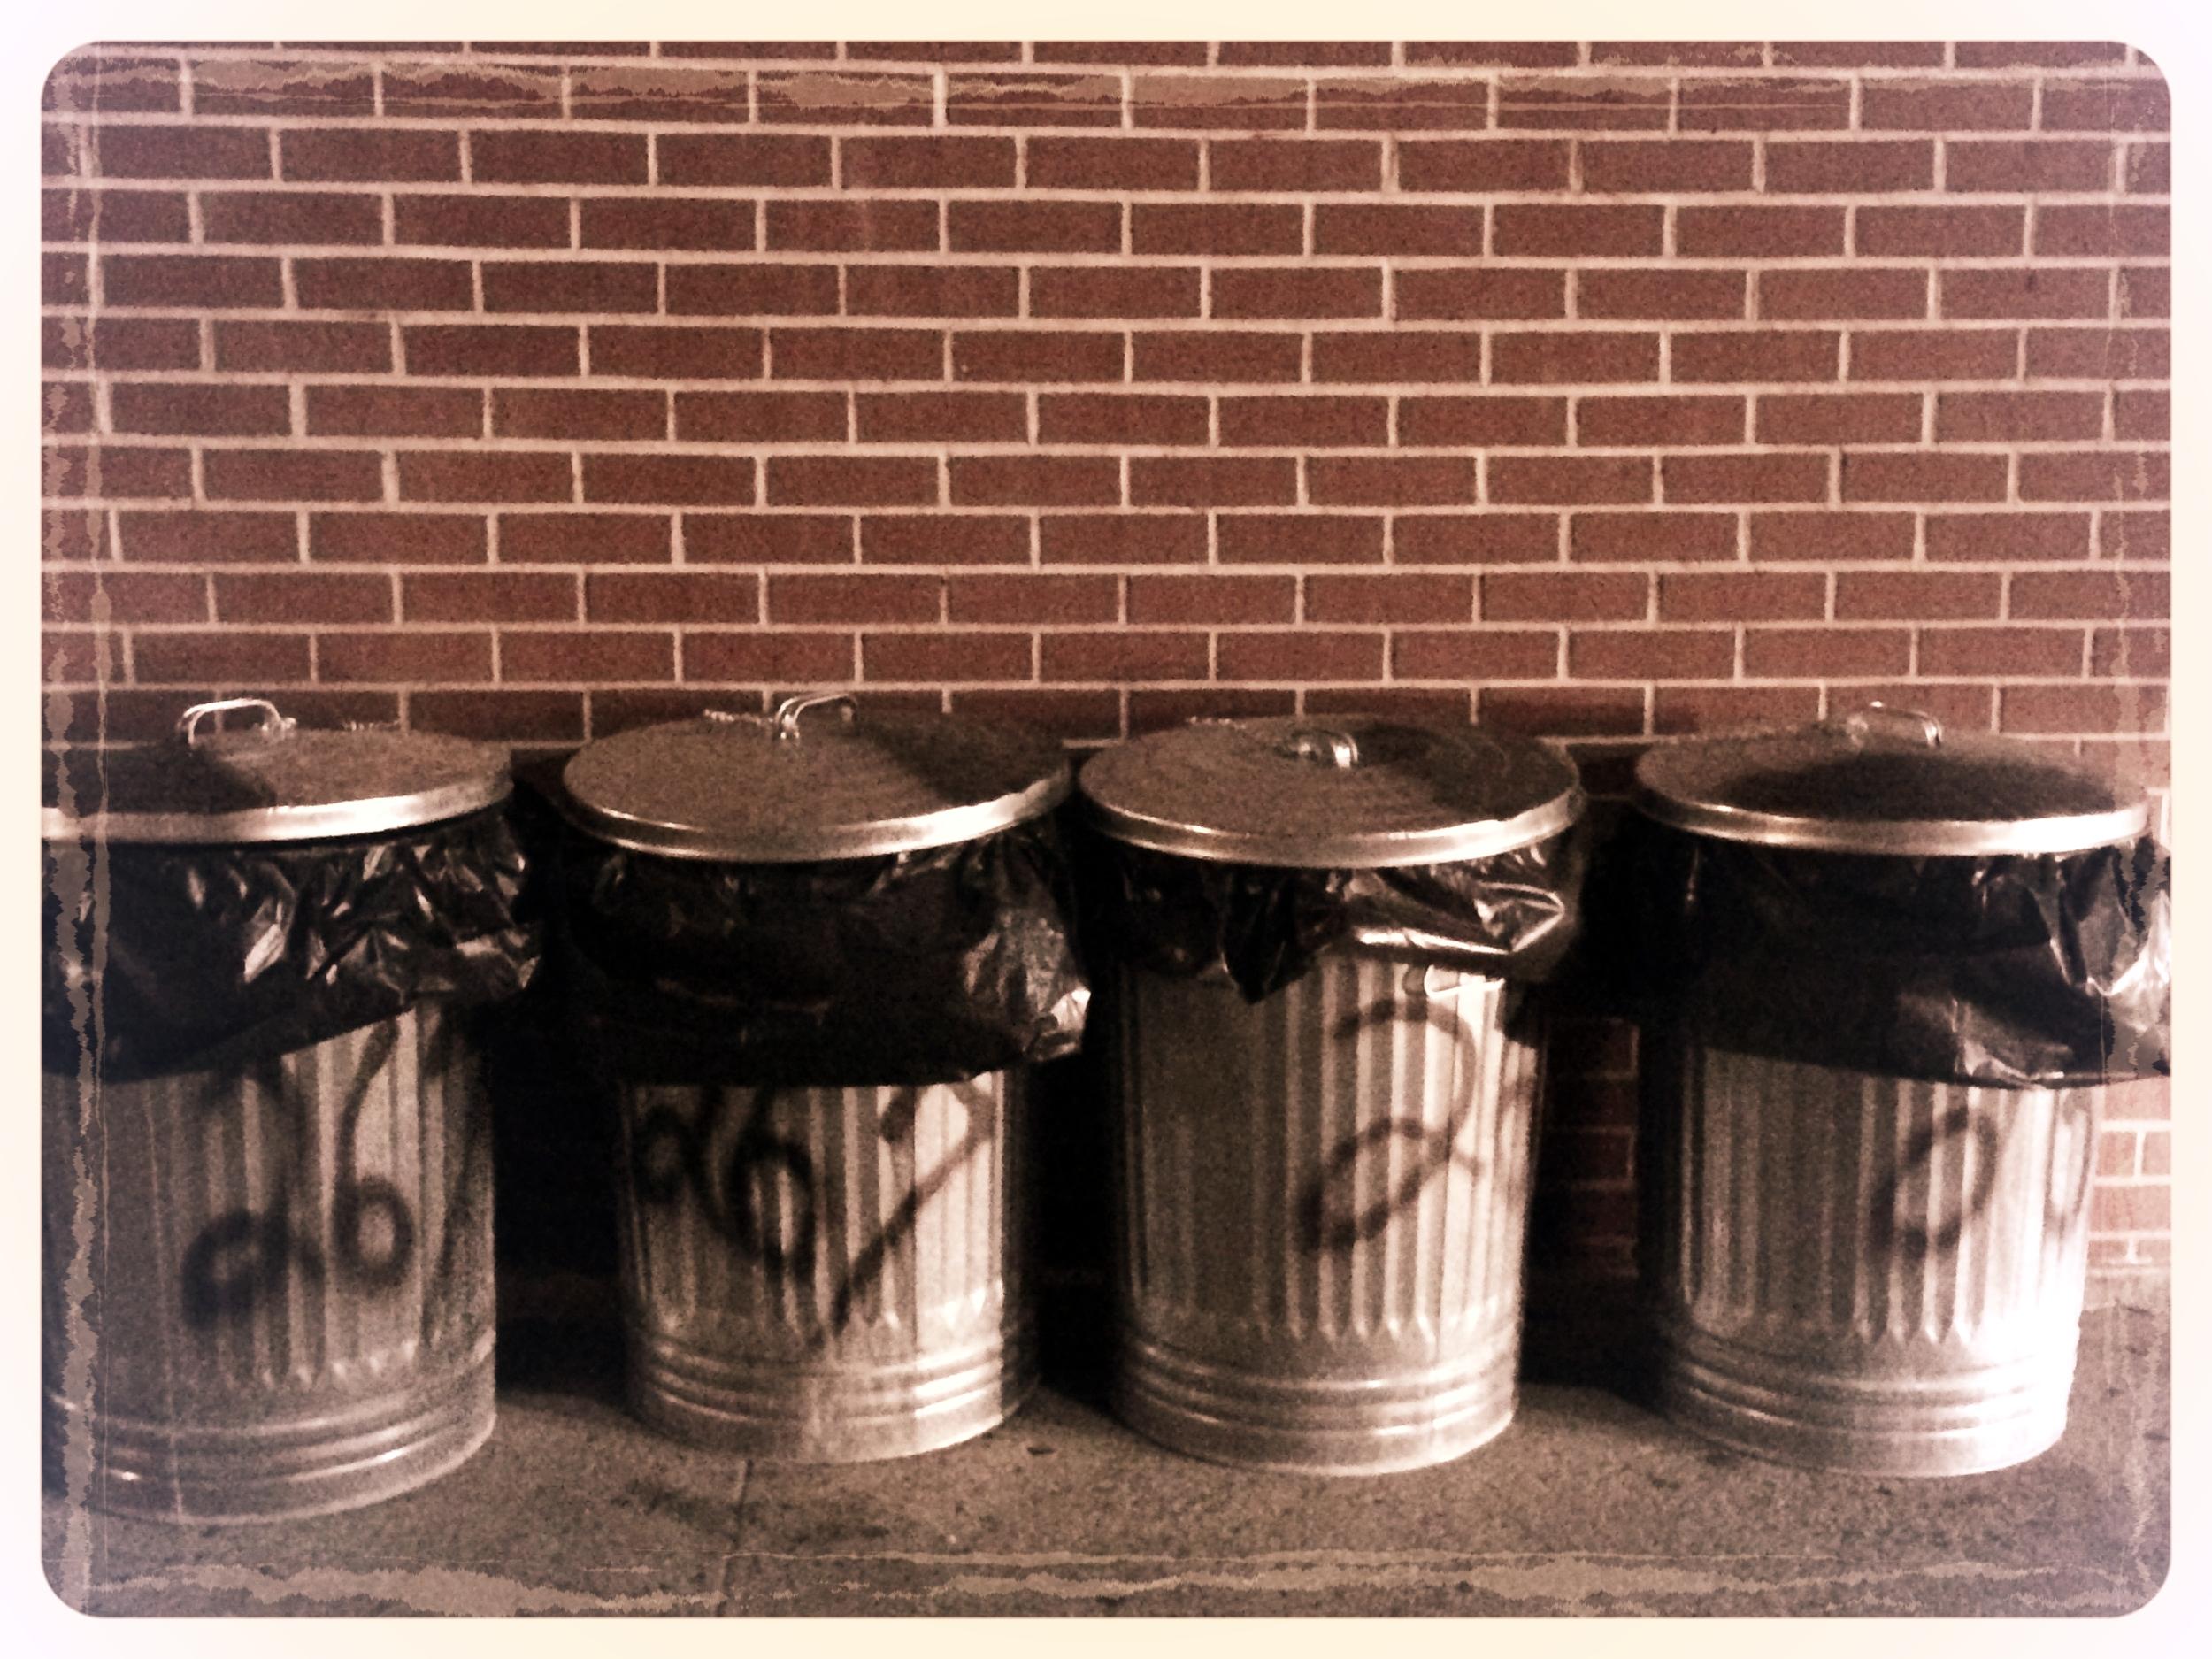 NYC_Trash_Cans.JPG